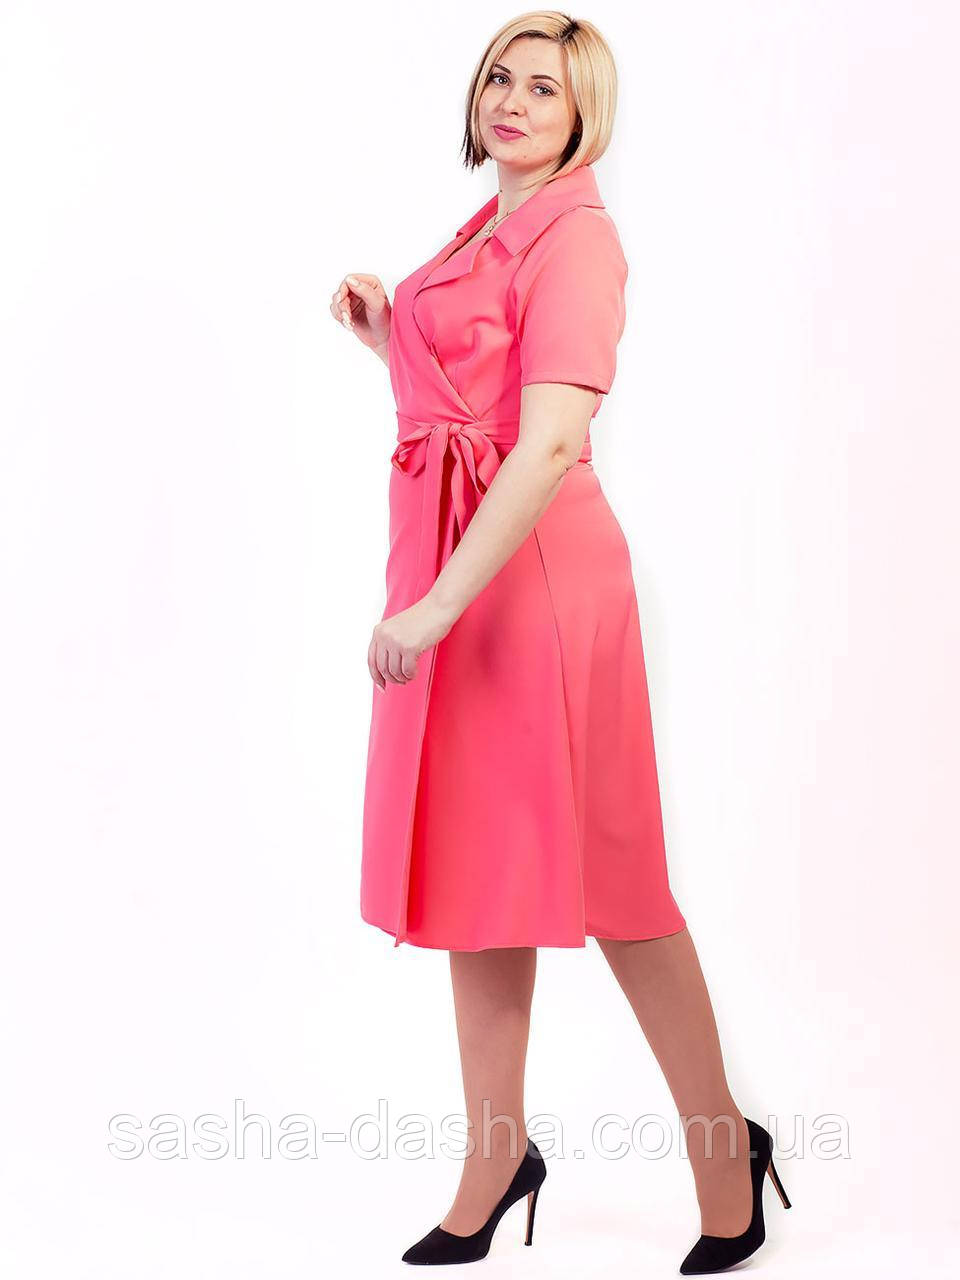 🌺 Элегантное летнее платье в больших размерах